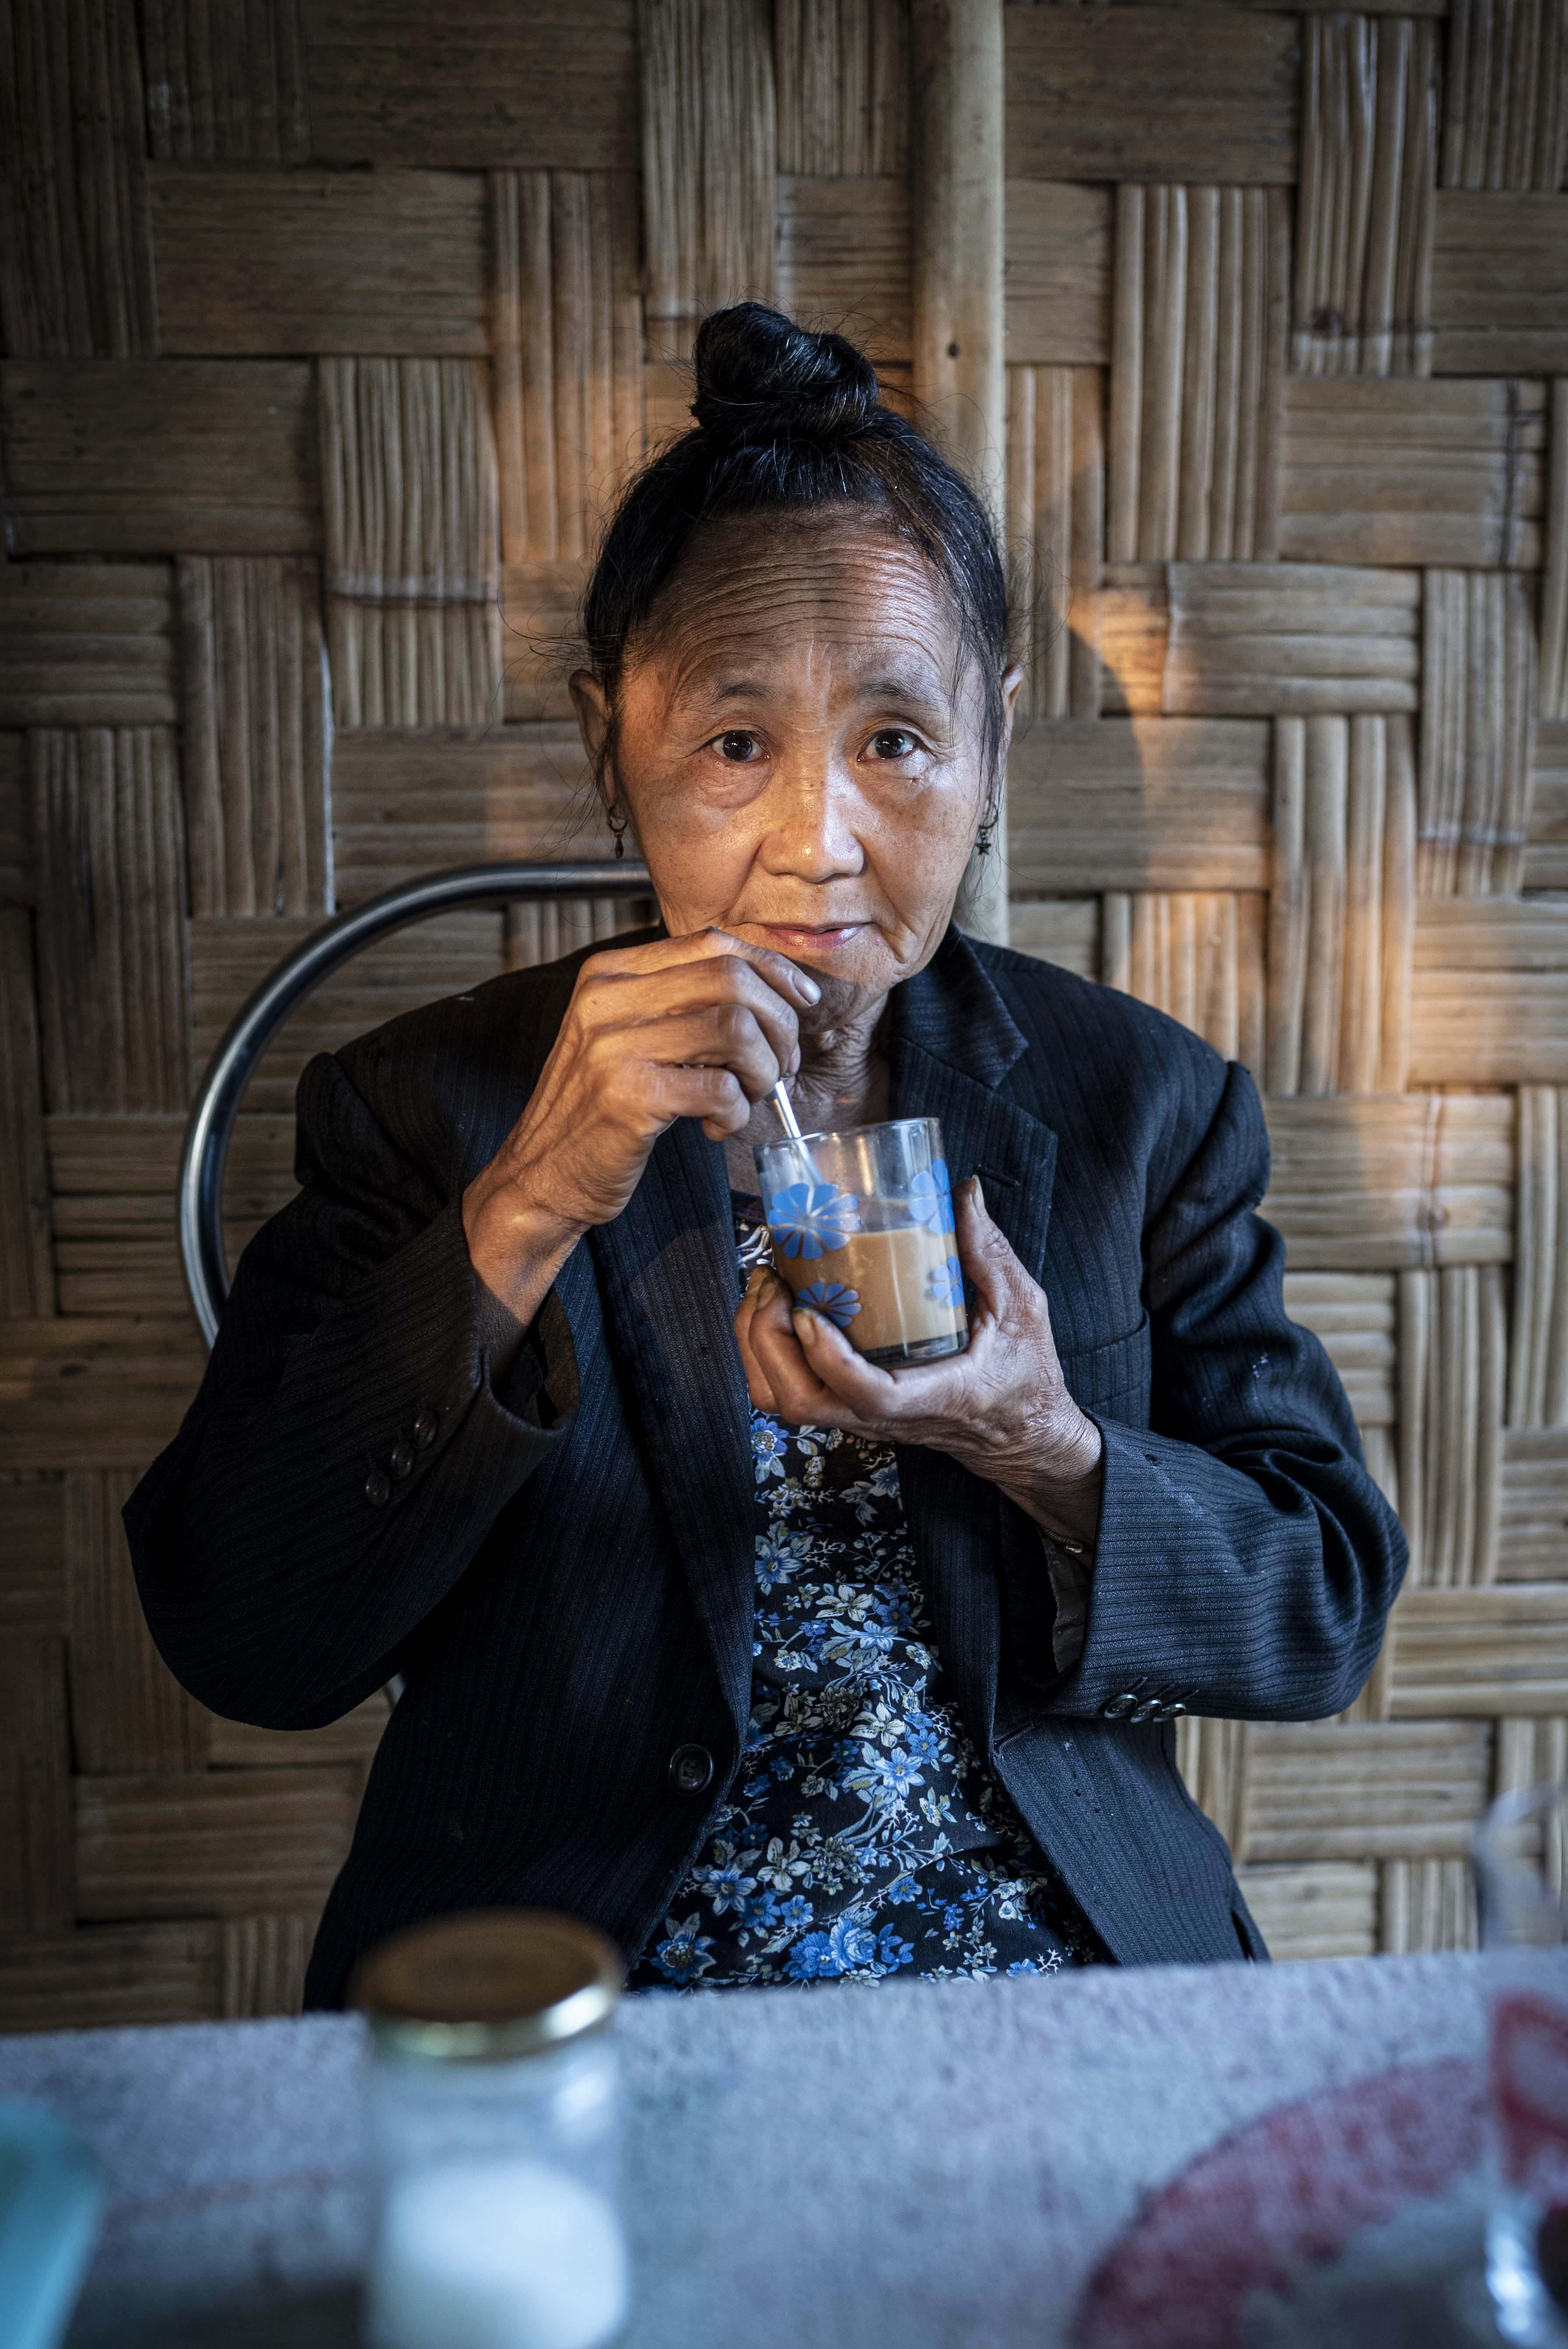 portret-denhaag-sophie-blommers-reisfotograf